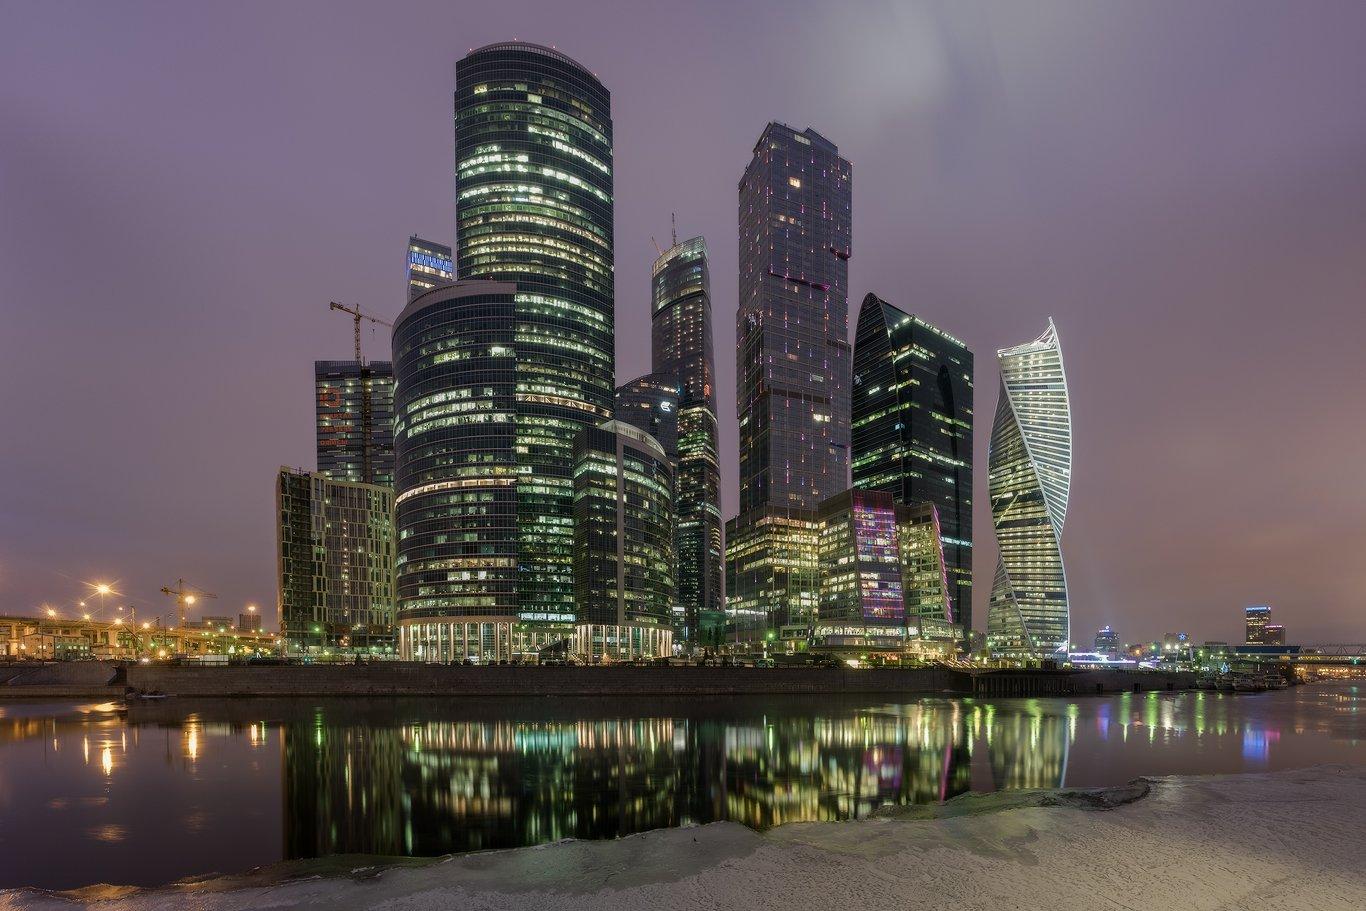 москва, россия, столица, сити, река, рассвет, утро, Илья Штром